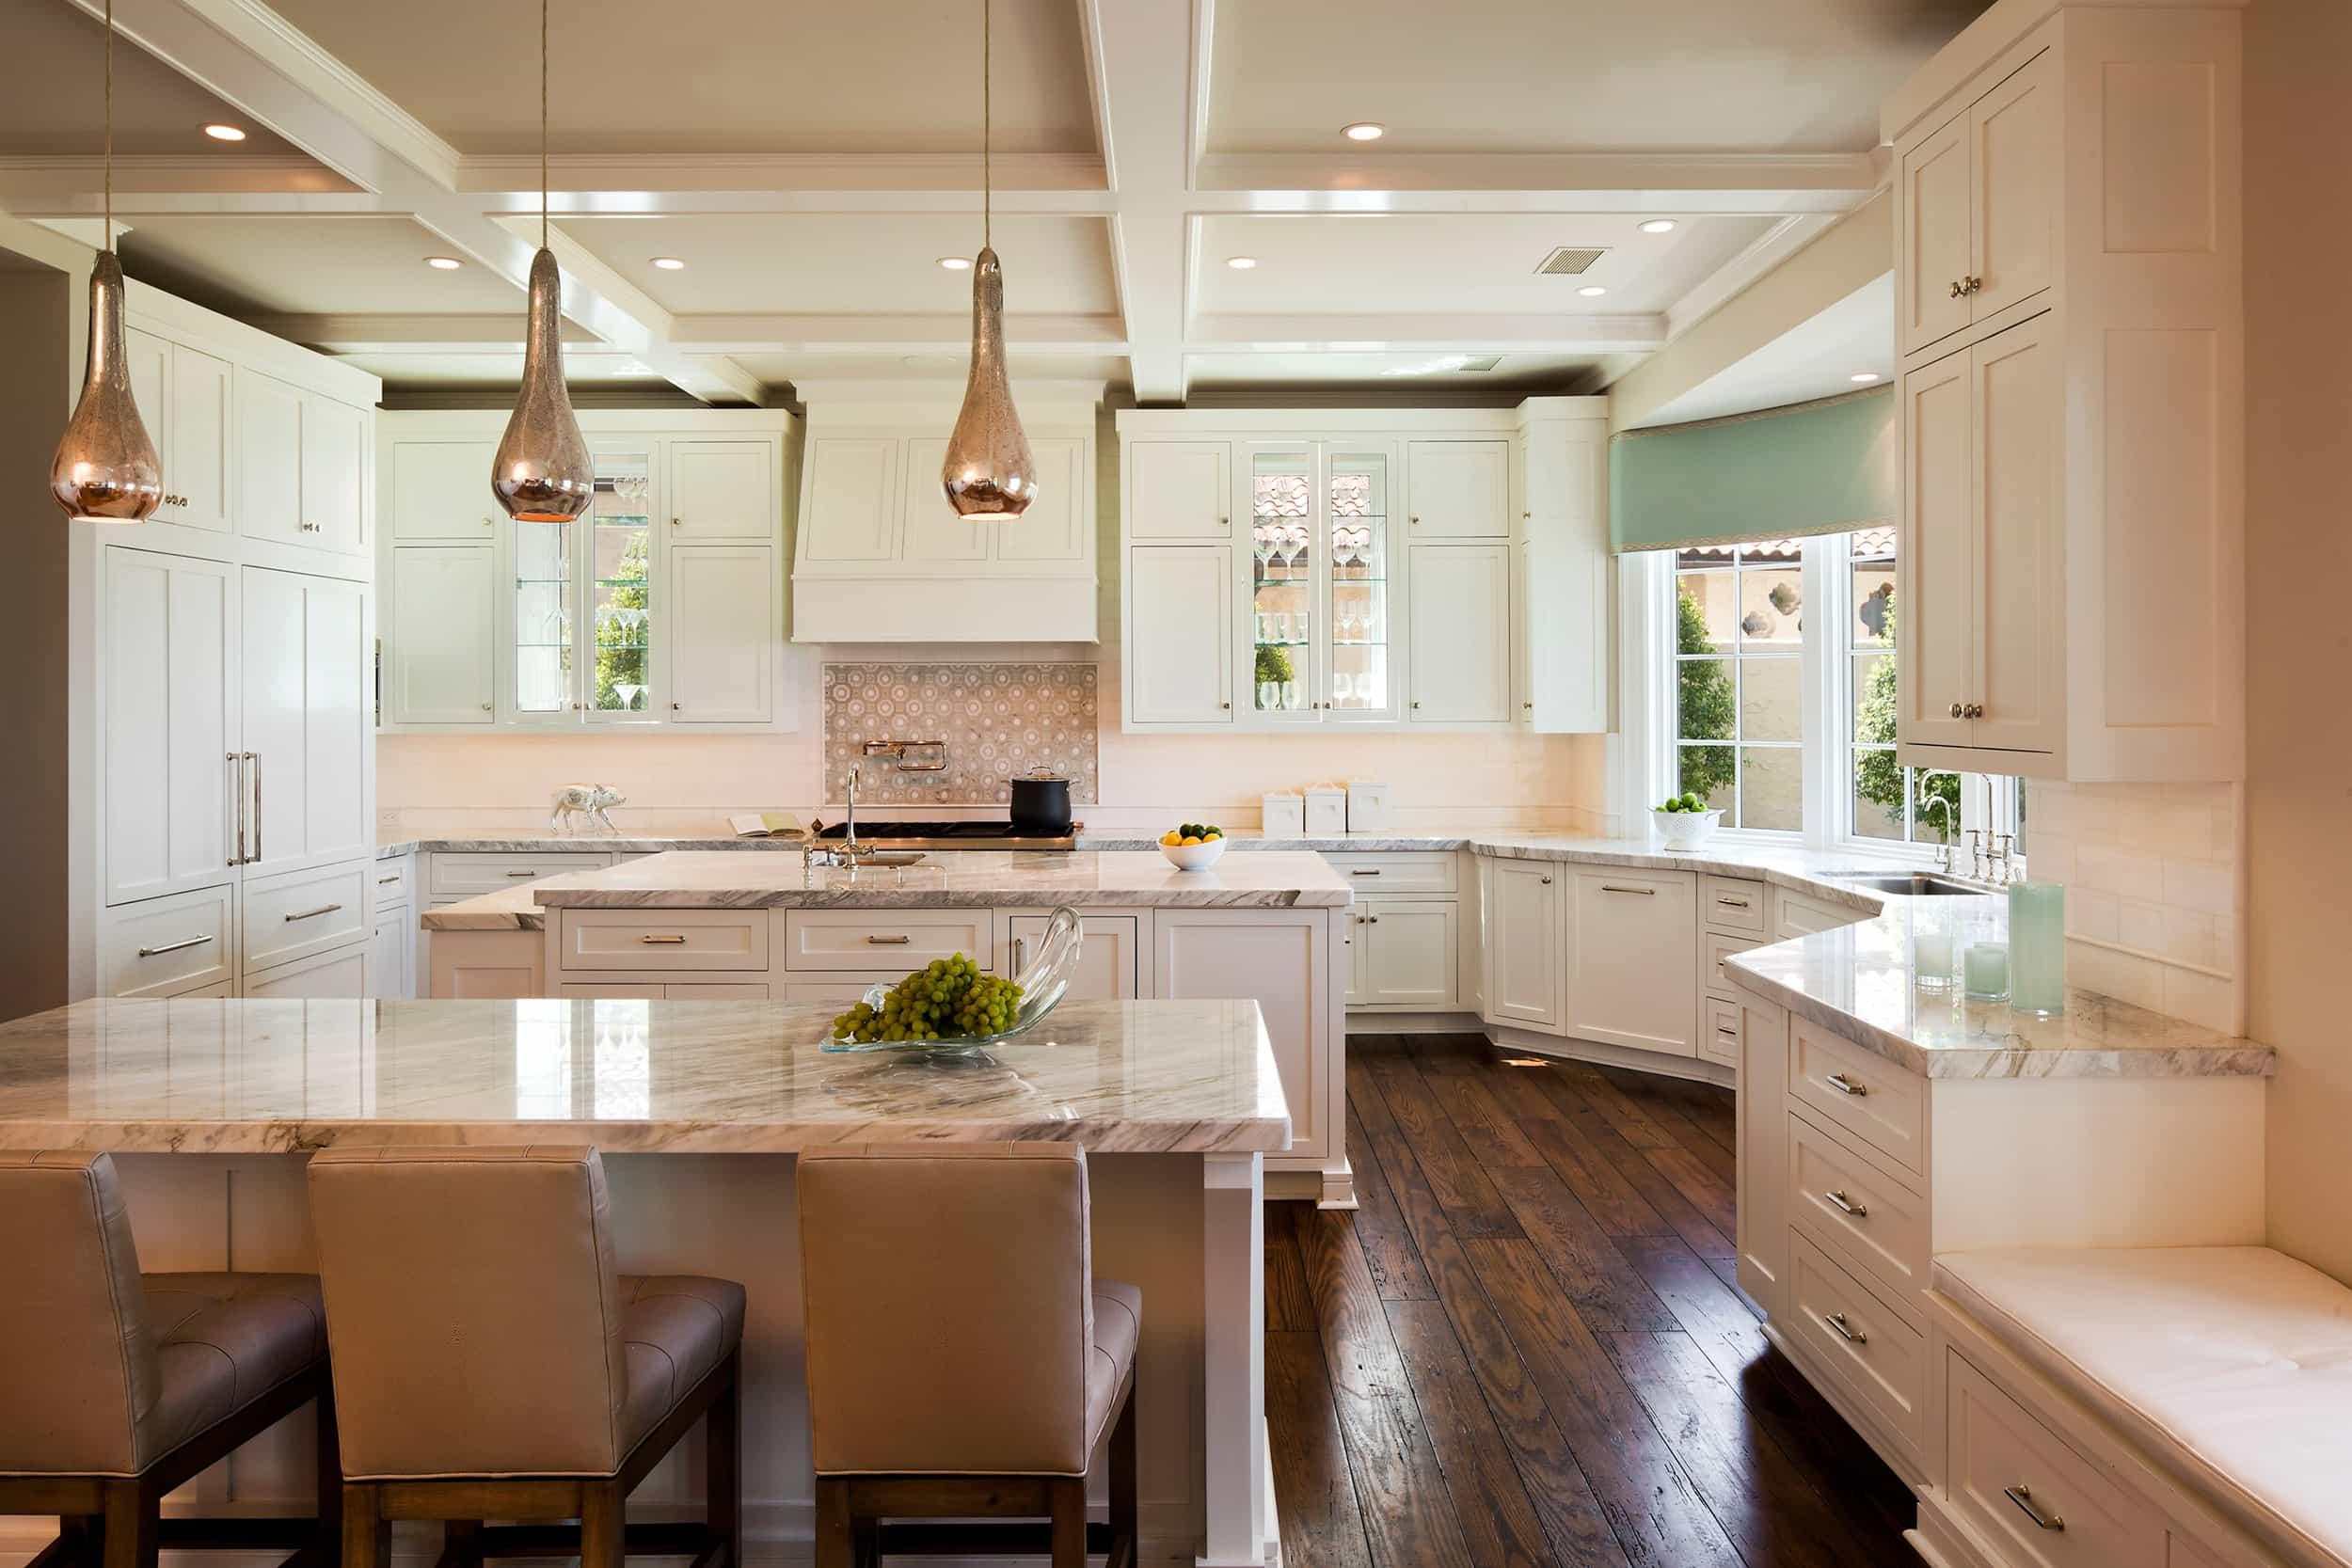 Residential commercial interiors studio m interior design - Interior decorators jacksonville fl ...